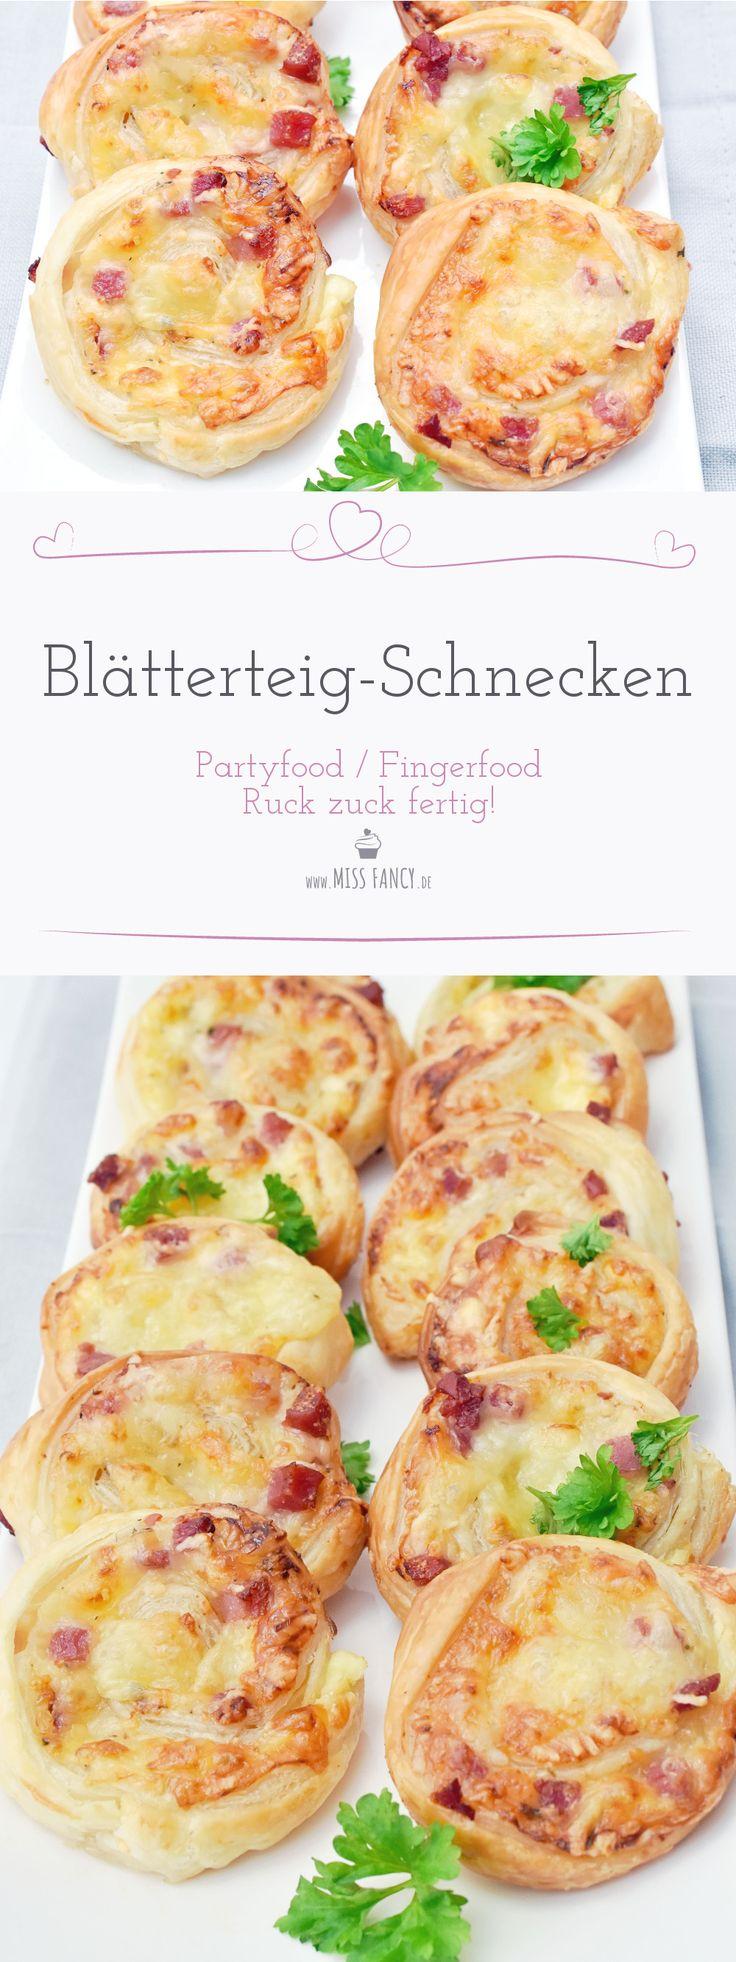 Blitzrezept: Blätterteig-Schnecken – Margit Neumann